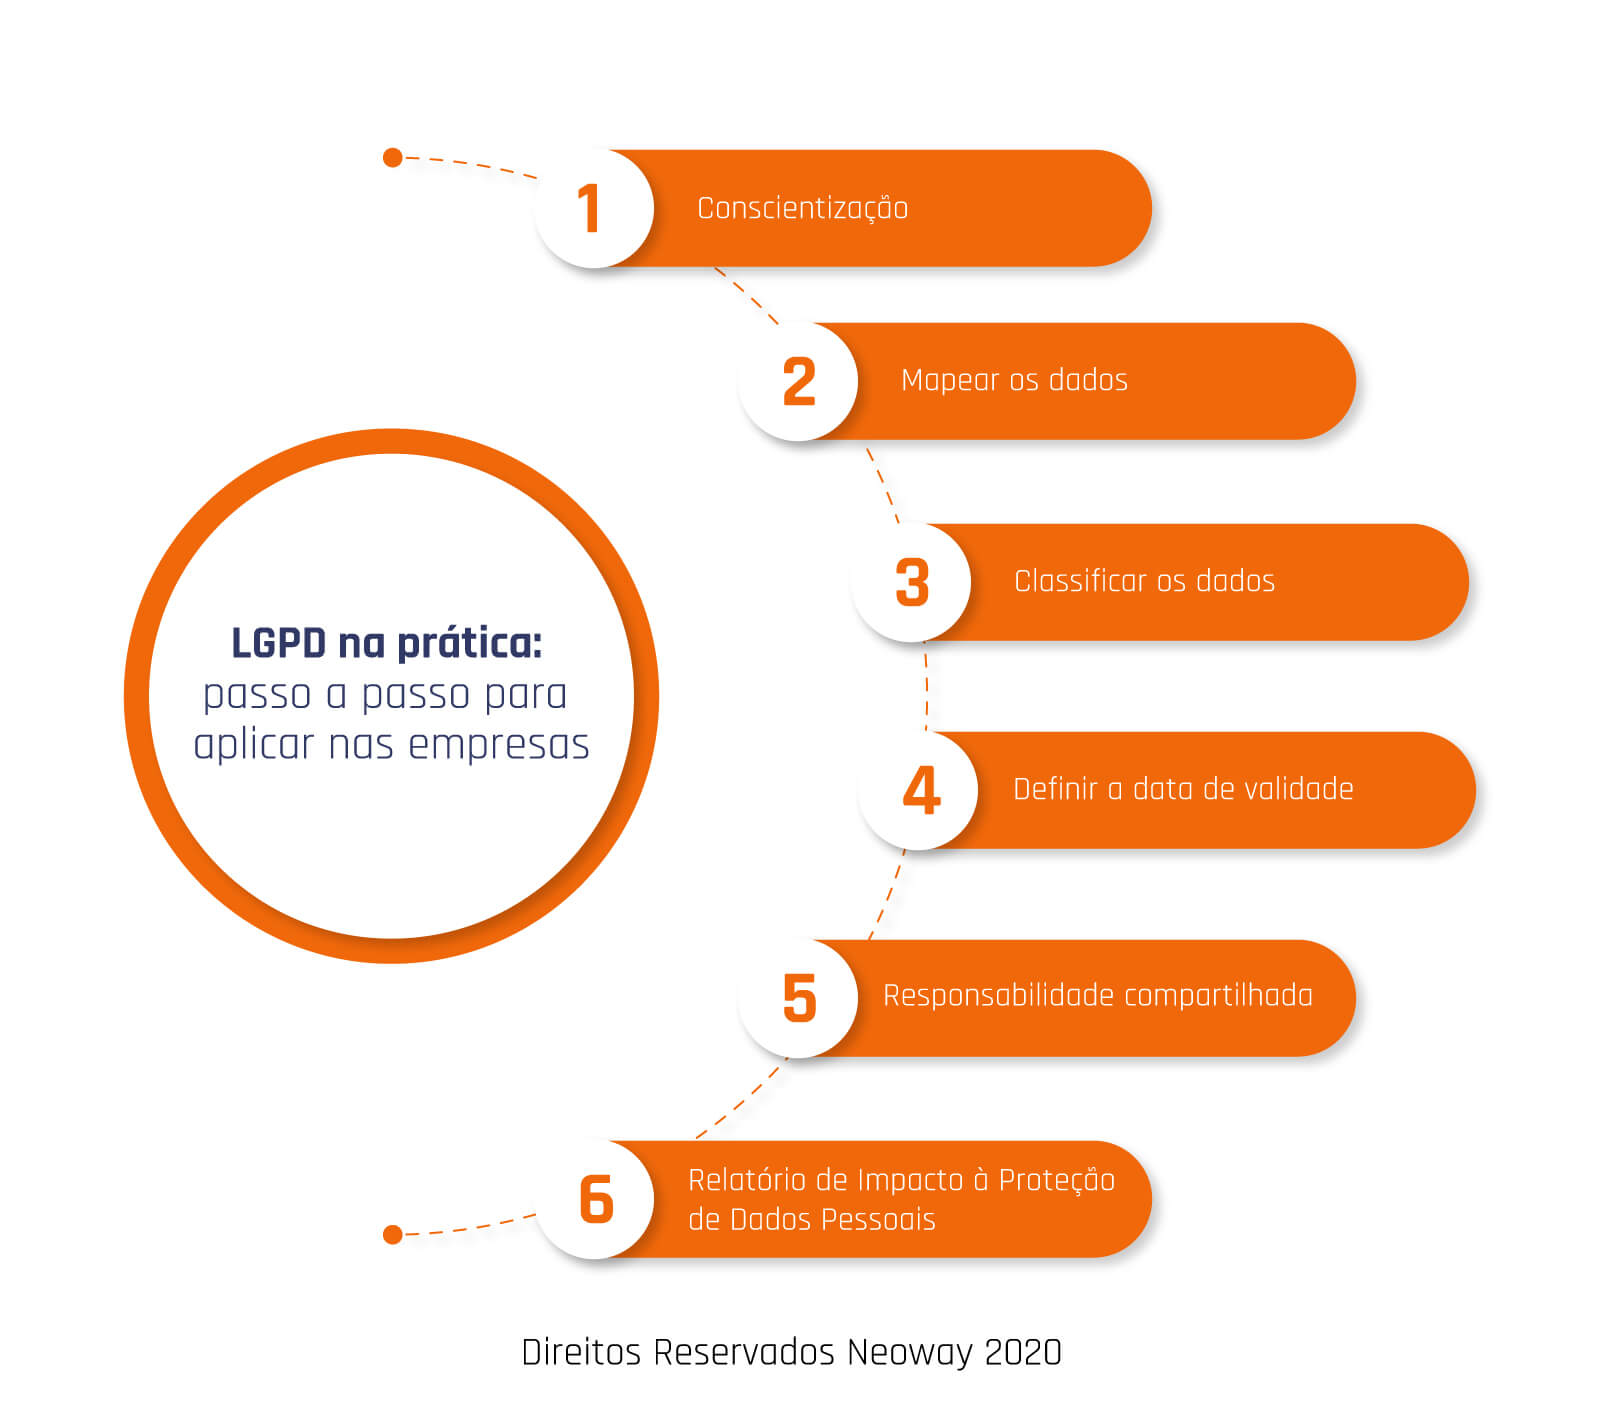 lgpd na pratica passo a passo para aplicar nas empresas